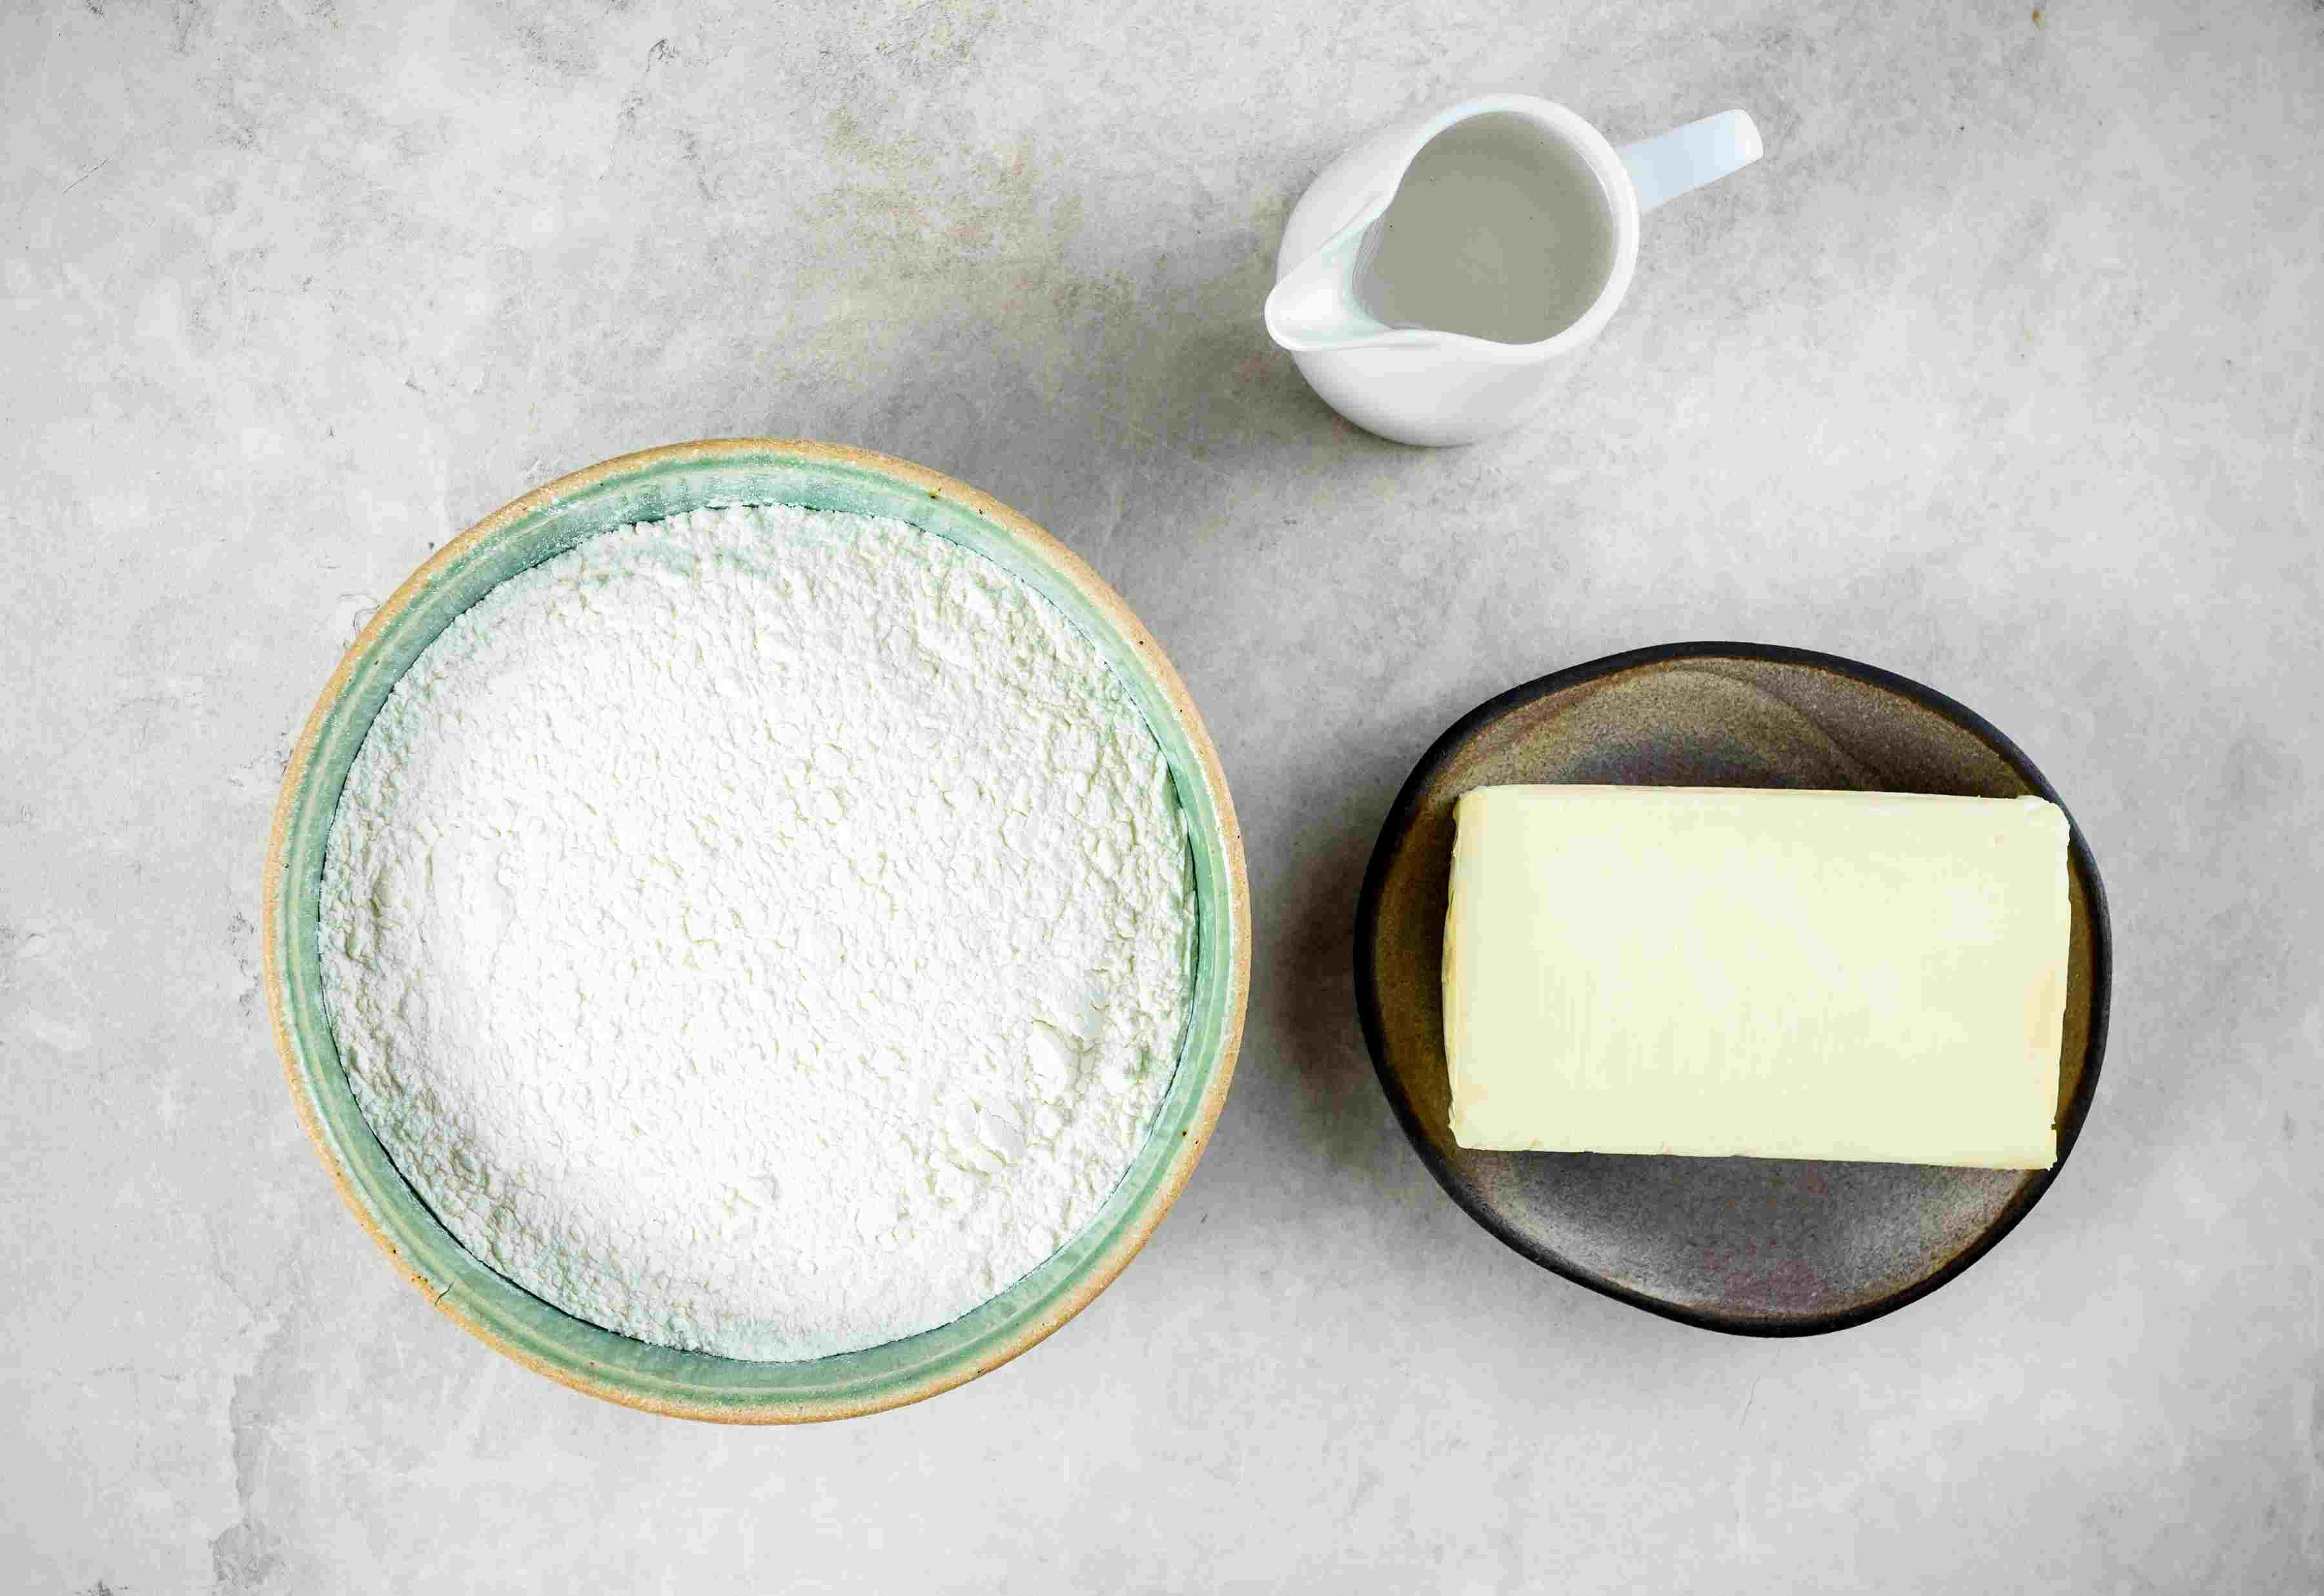 Ingredients for gluten-free pie crust